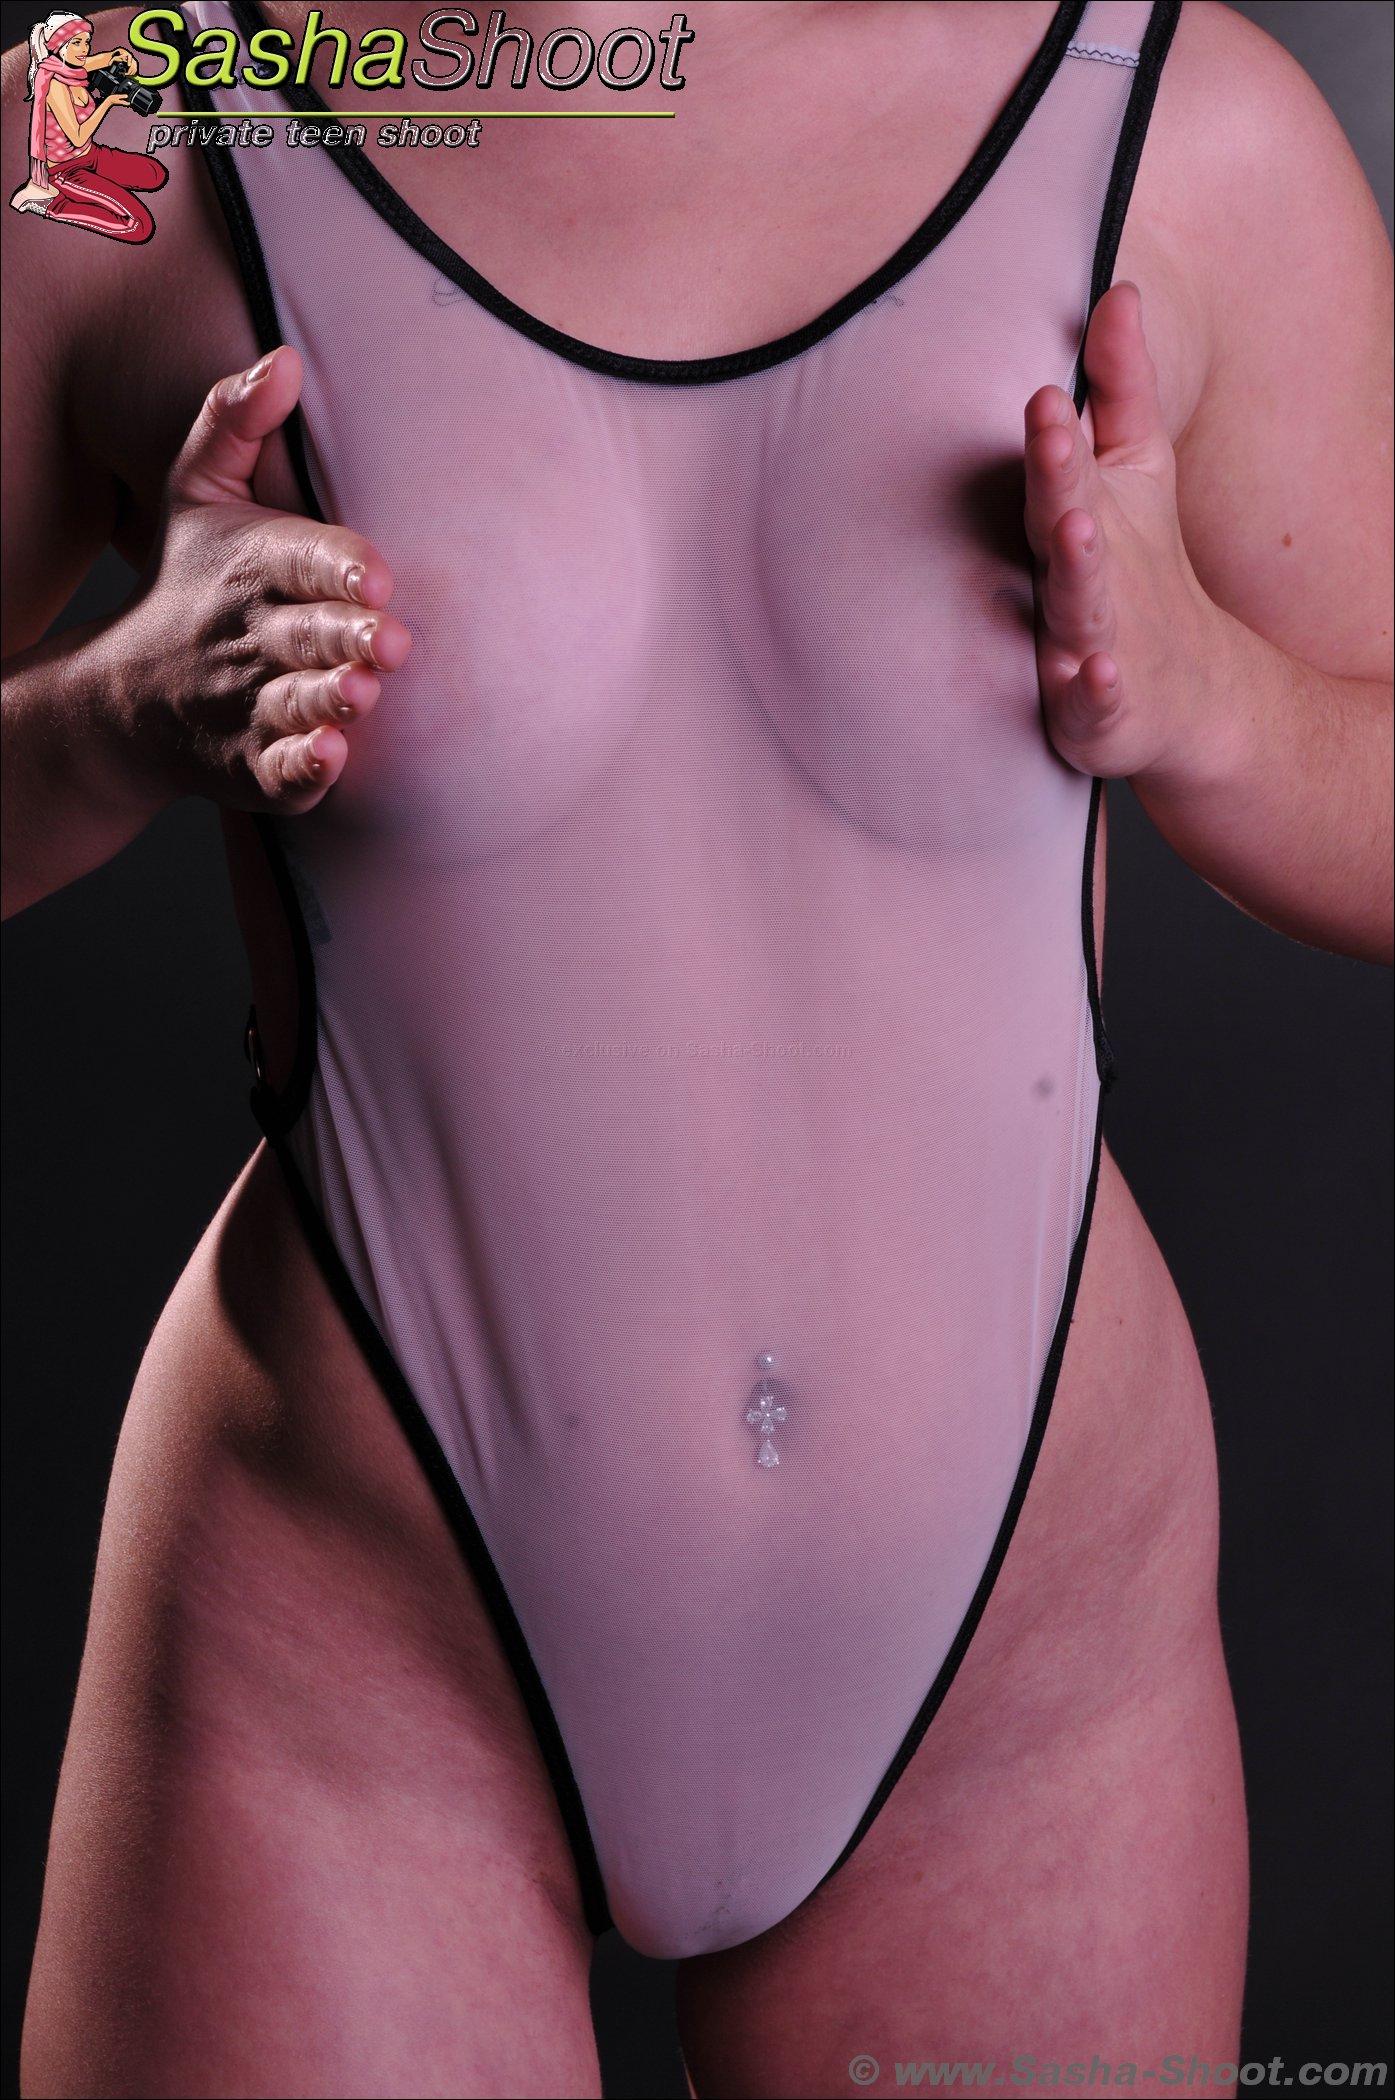 wet little pussy model